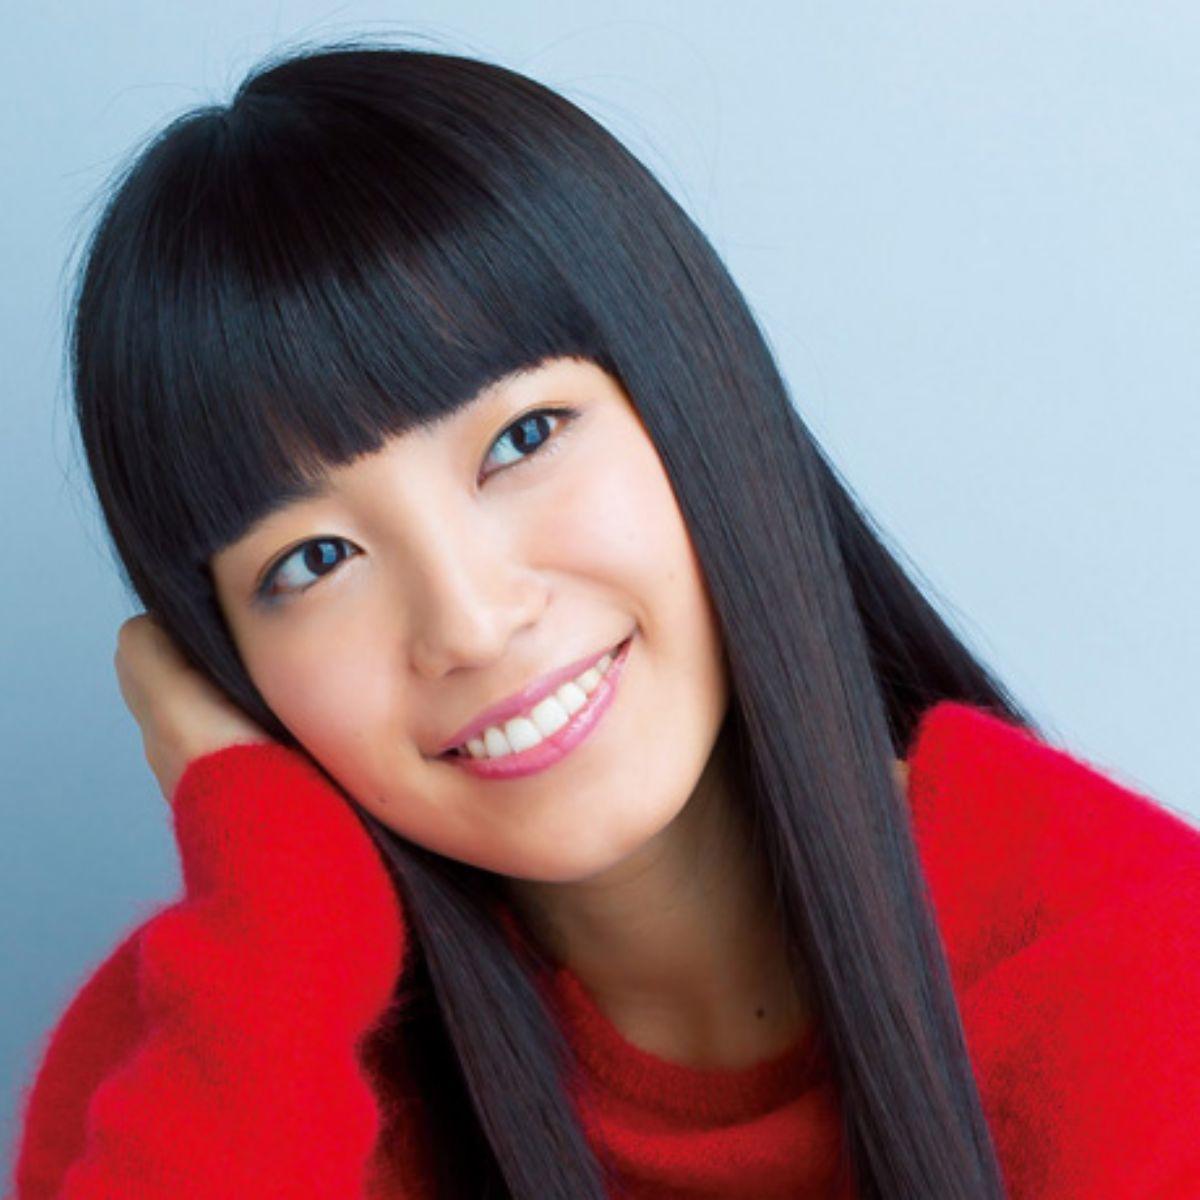 小柄だけどパワフルな歌姫!シンガソングライターmiwaの歌に迫る!のサムネイル画像